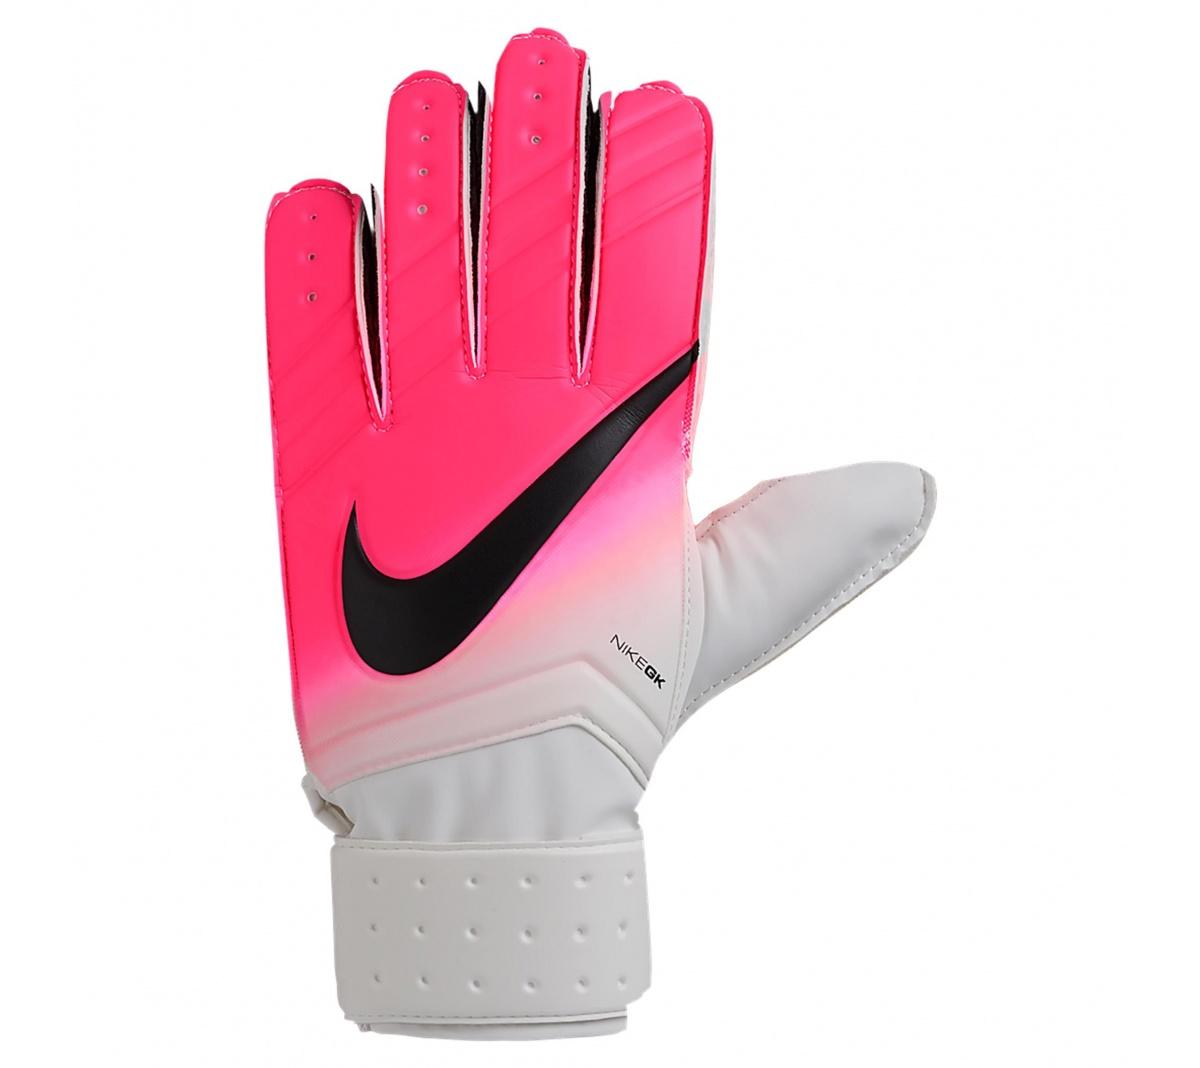 45cec4151 Luva de Goleiro Nike GK Match Infantil - Mundo do Futebol